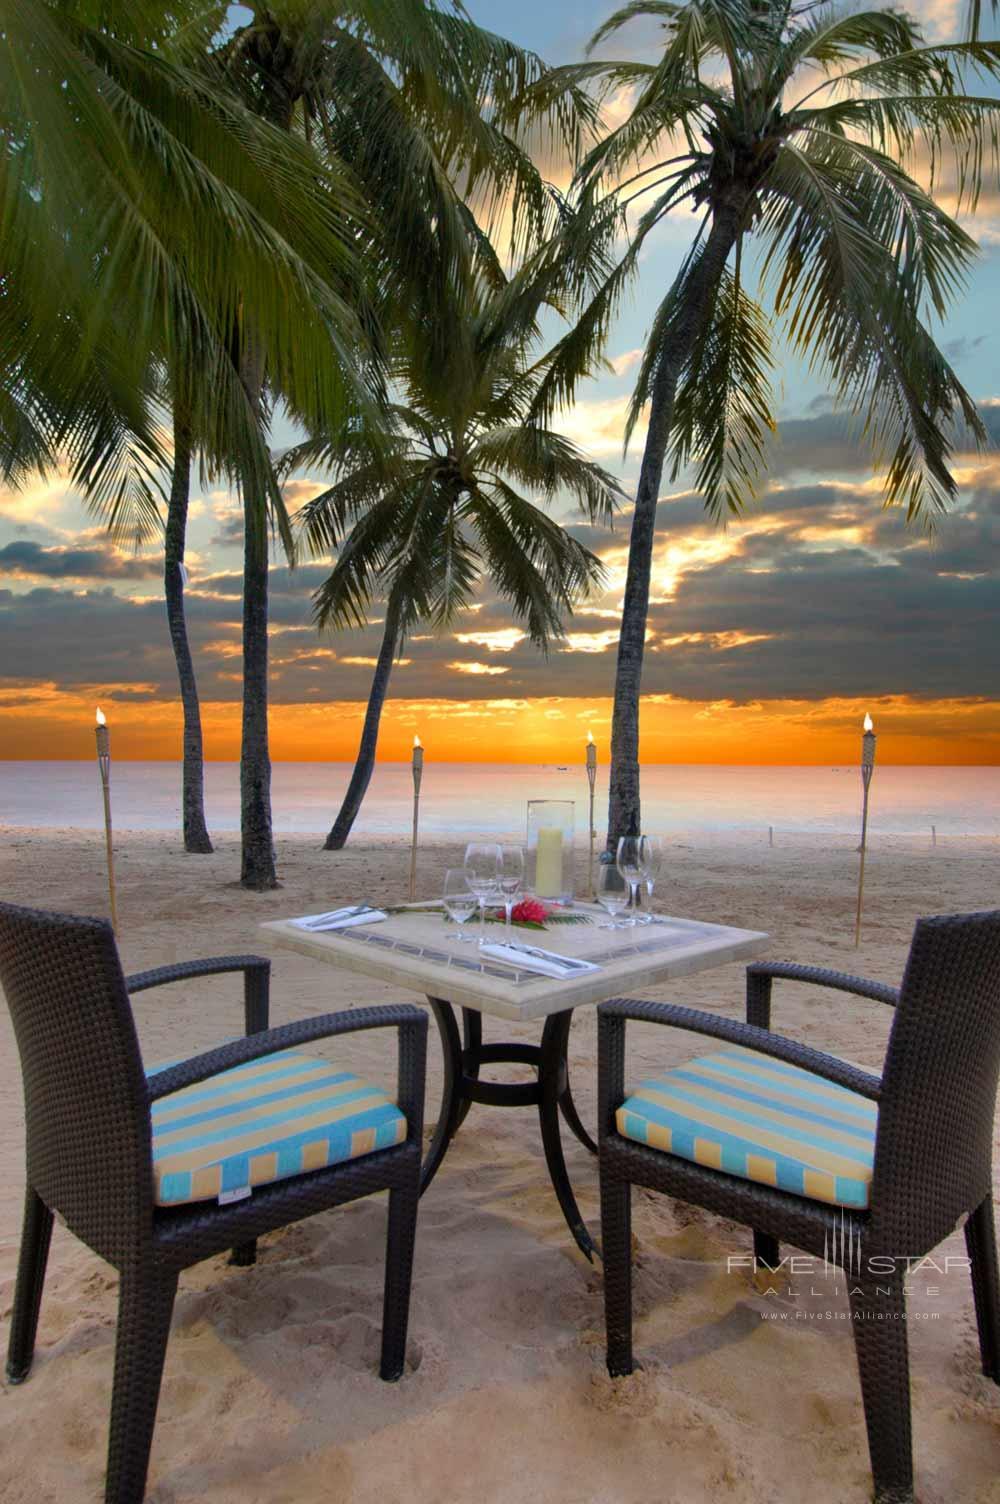 Beach Dine at Fairmont Royal Pavilion, St James, Bridgetown, Barbados